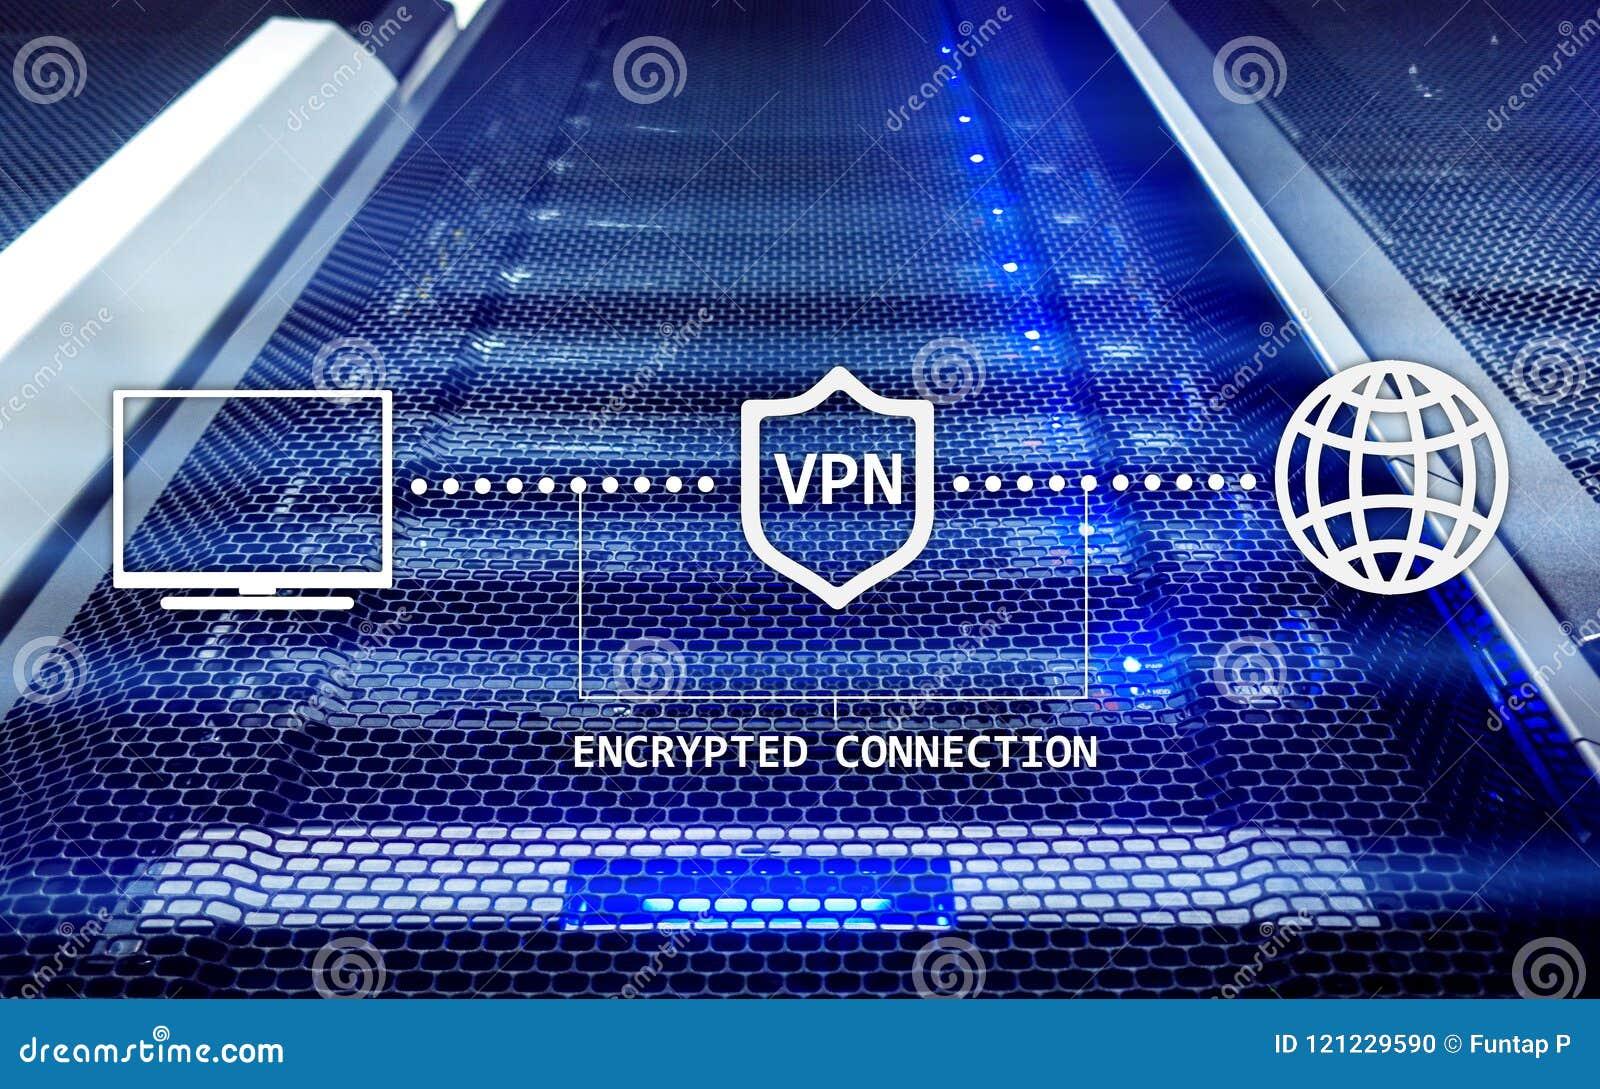 Виртуальная частная сеть, VPN, кодирование данных, замена IP